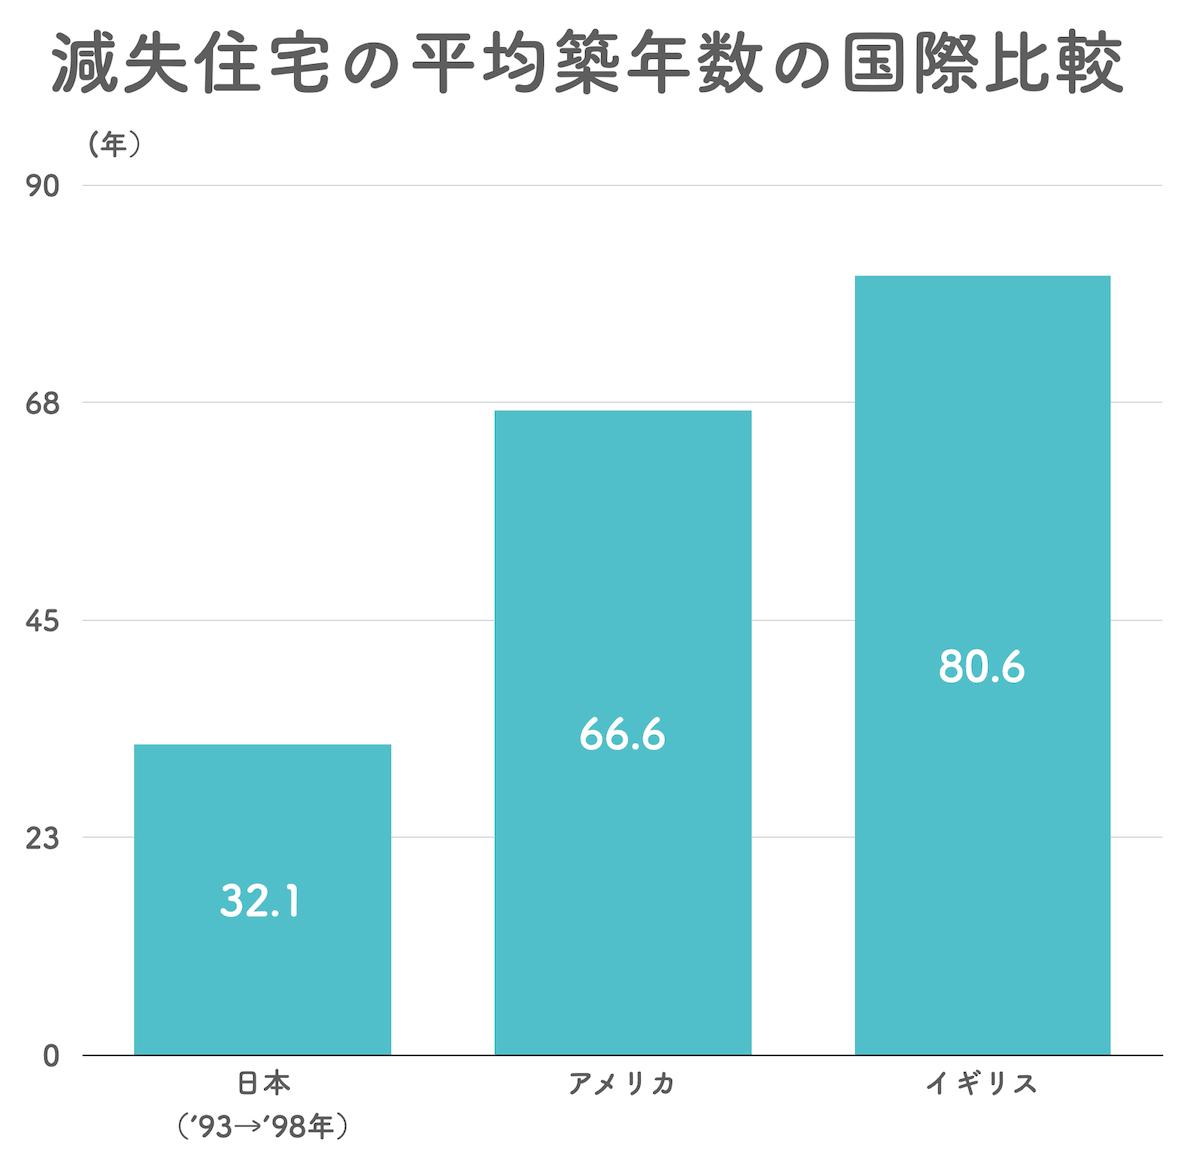 減失住宅の平均築年数国際比較